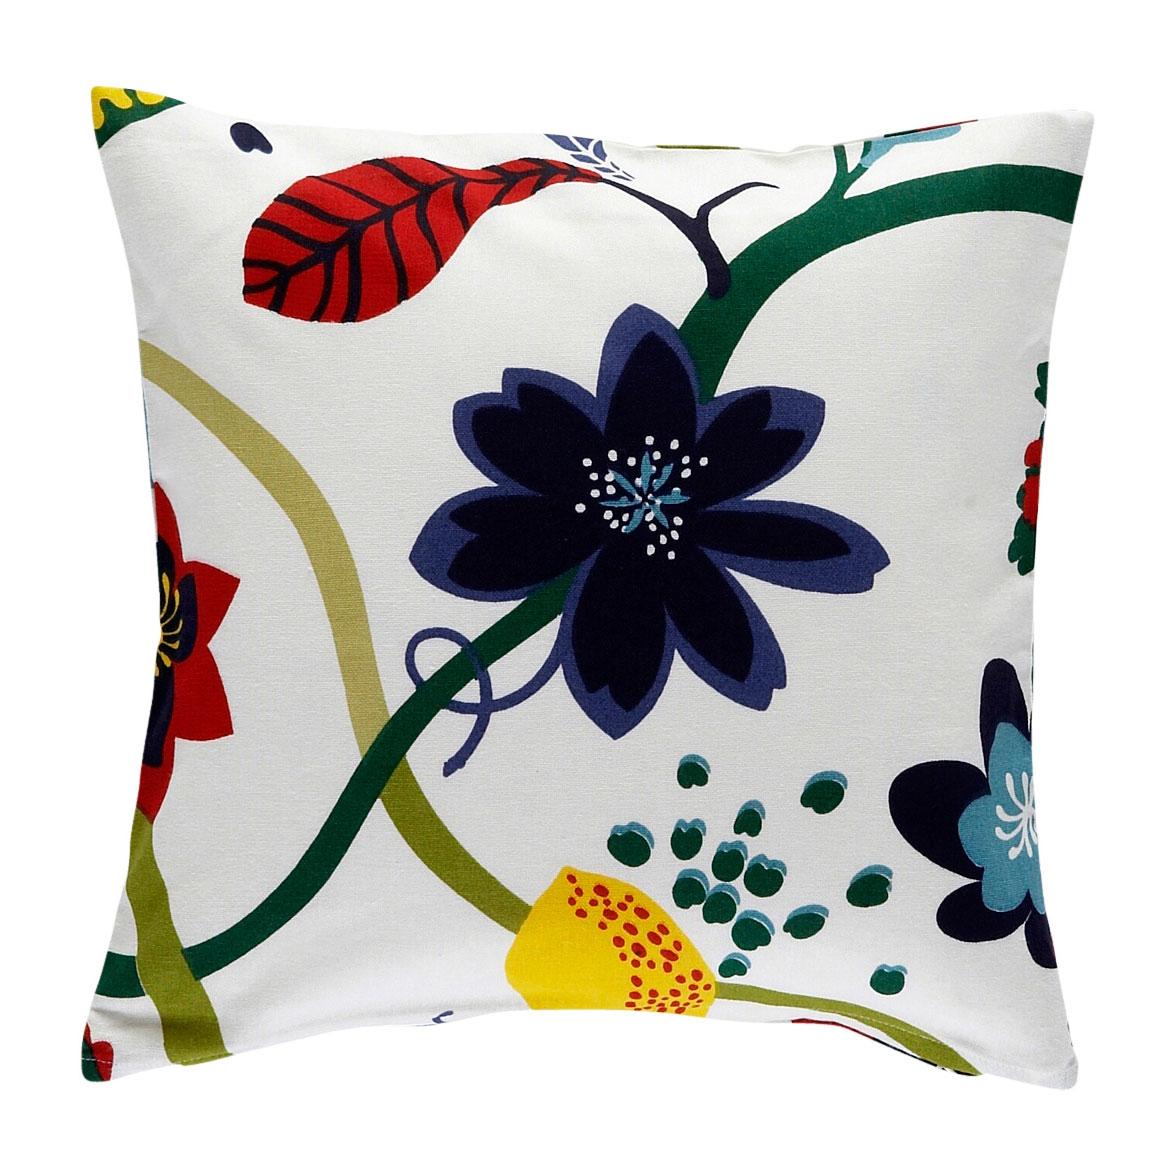 Tyynynpäällinen värikkäällä painetulla kuviolla, 12,95 euroa / 2 kpl, Ellos.